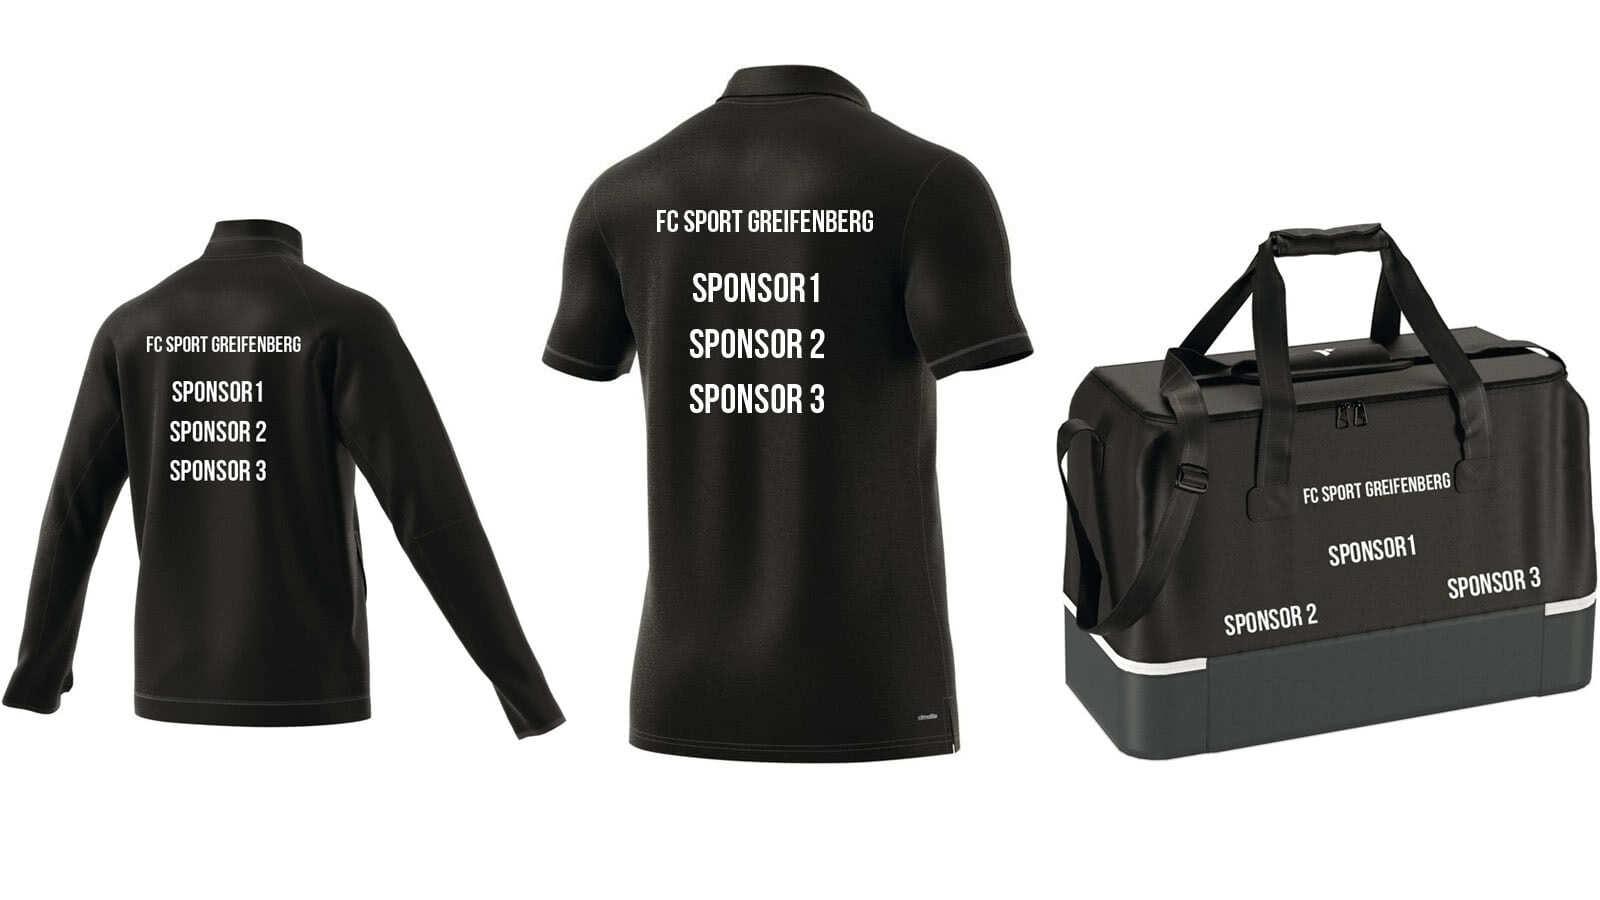 Der Sportartikel Druck mit mehr als einem Sponsor oder Werbung